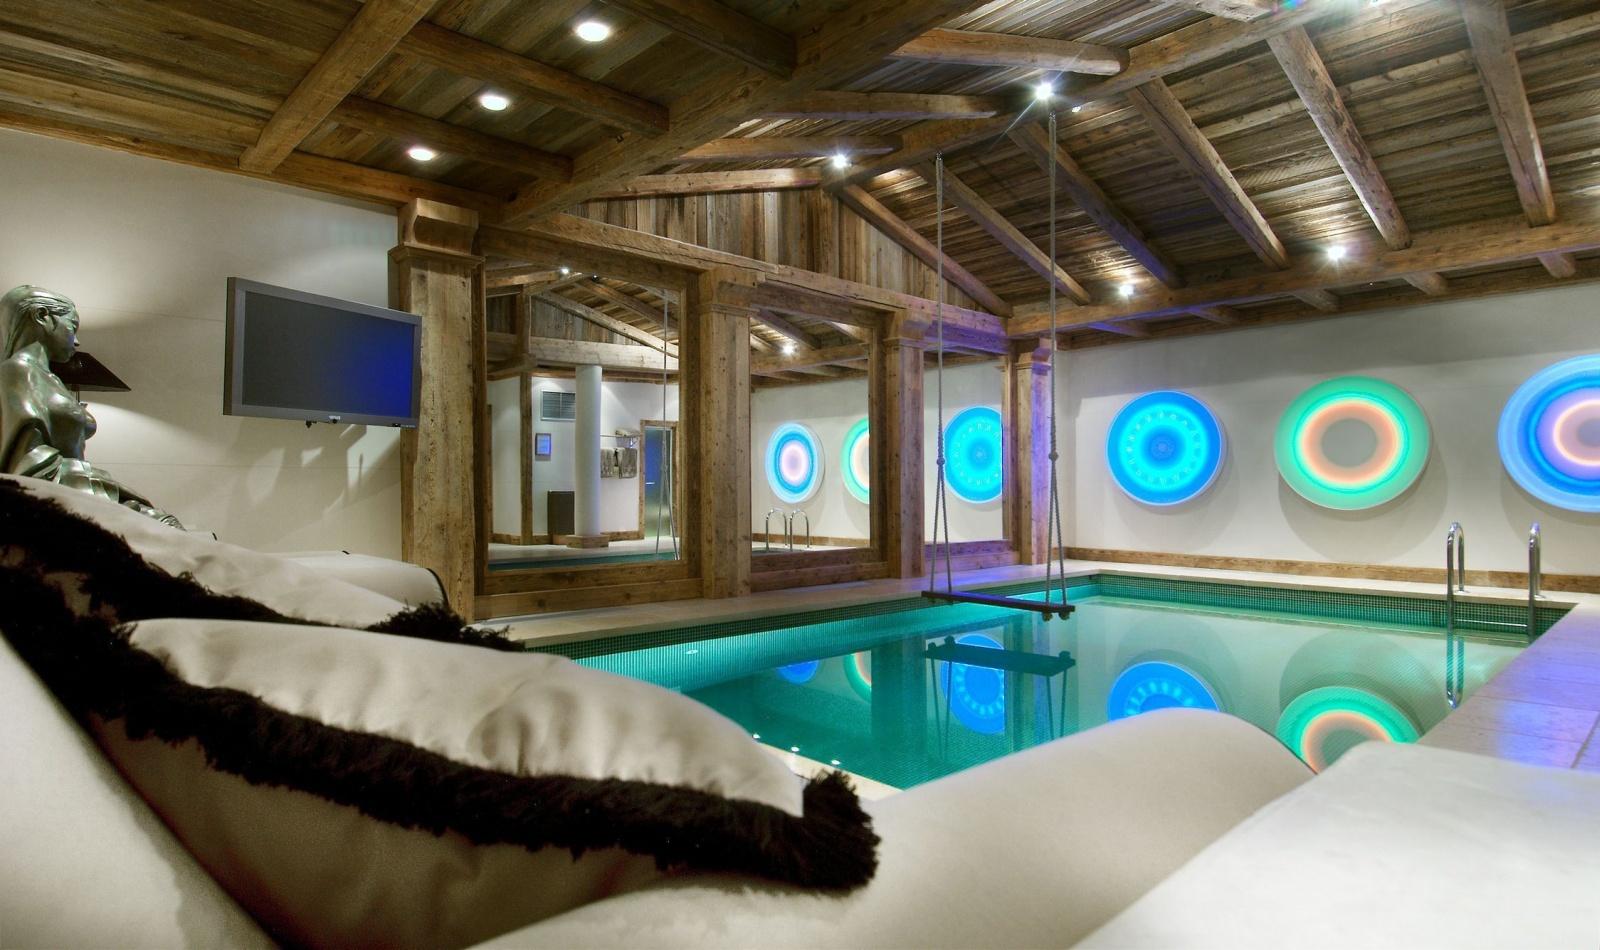 необычный спальни с бассейном фото номера производится